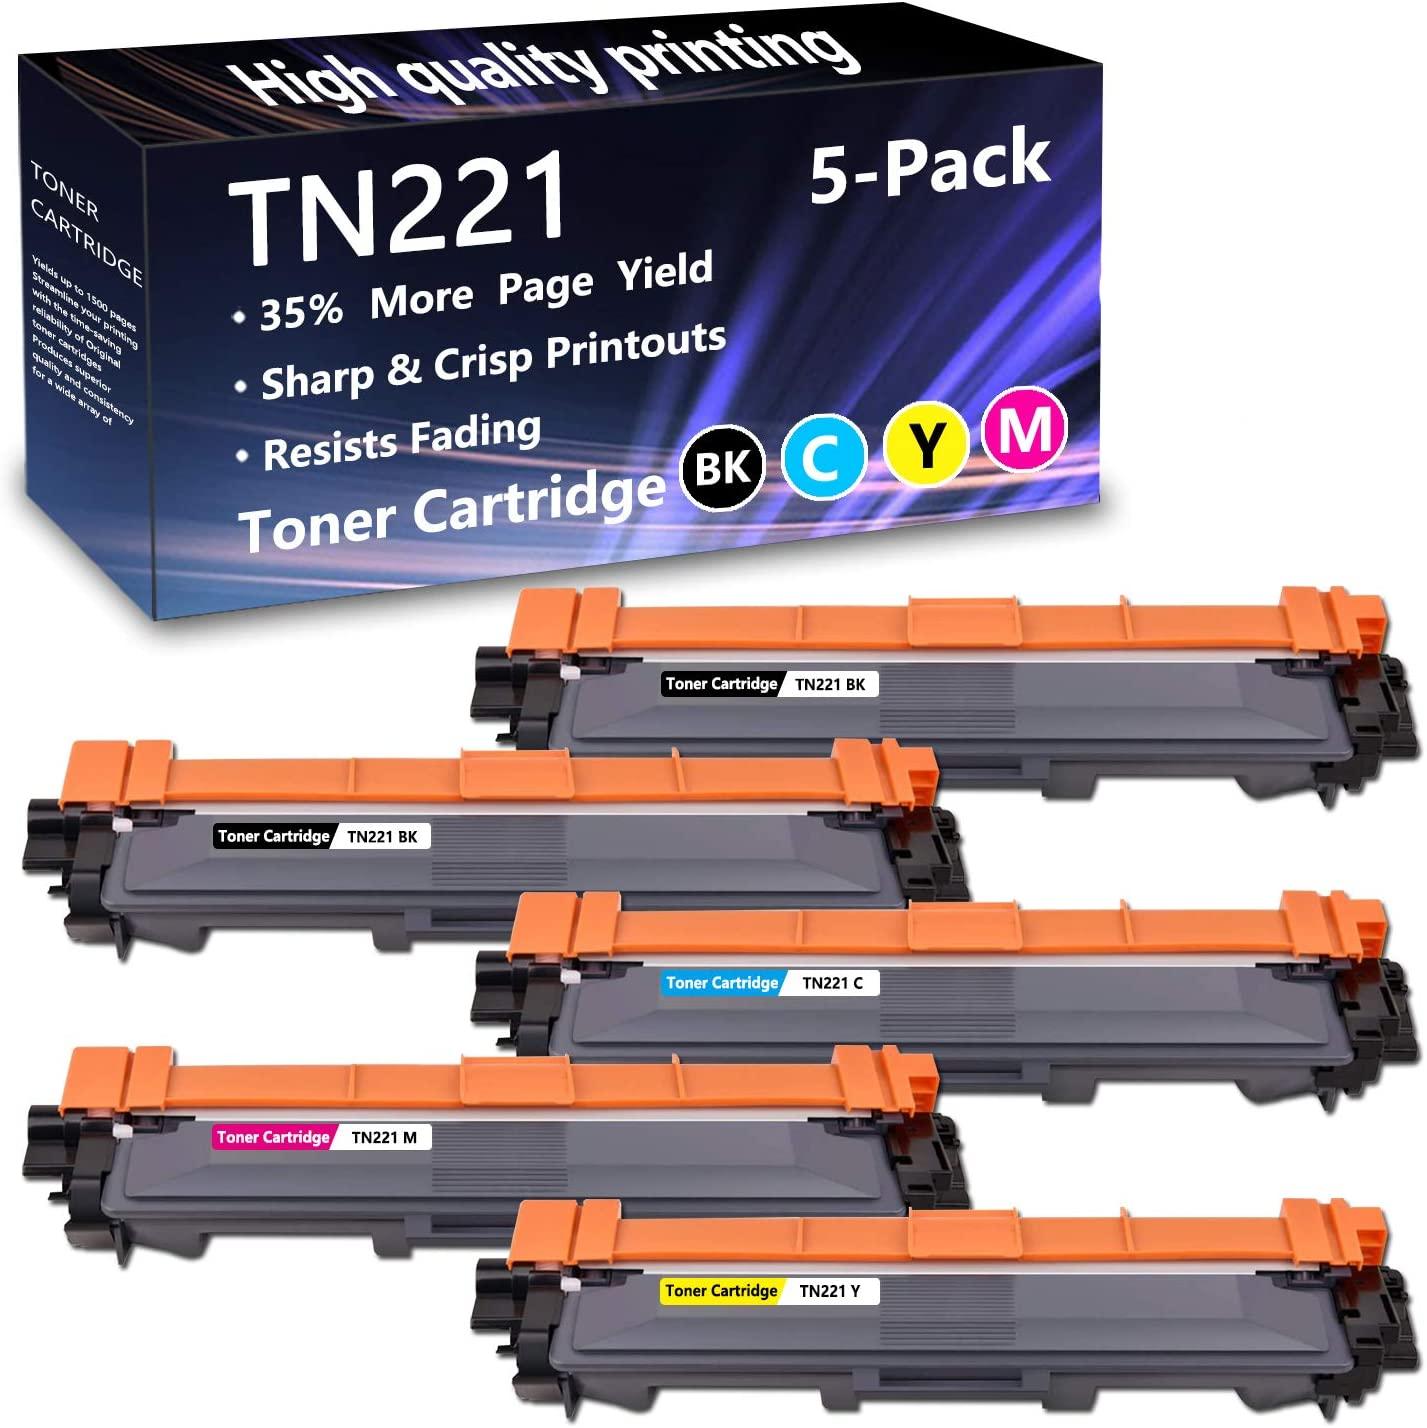 5 Pack (2BK+1C+1M+1Y) TN221 Toner Cartridge Replacement for Brother HL-3140CW 3150CDN 3170CDW 3180CDW MFC-9130CW 9140CDN 9330CDW 9340CDW DCP-9015CDW 9020CDN Printers,Sold by AlToner.